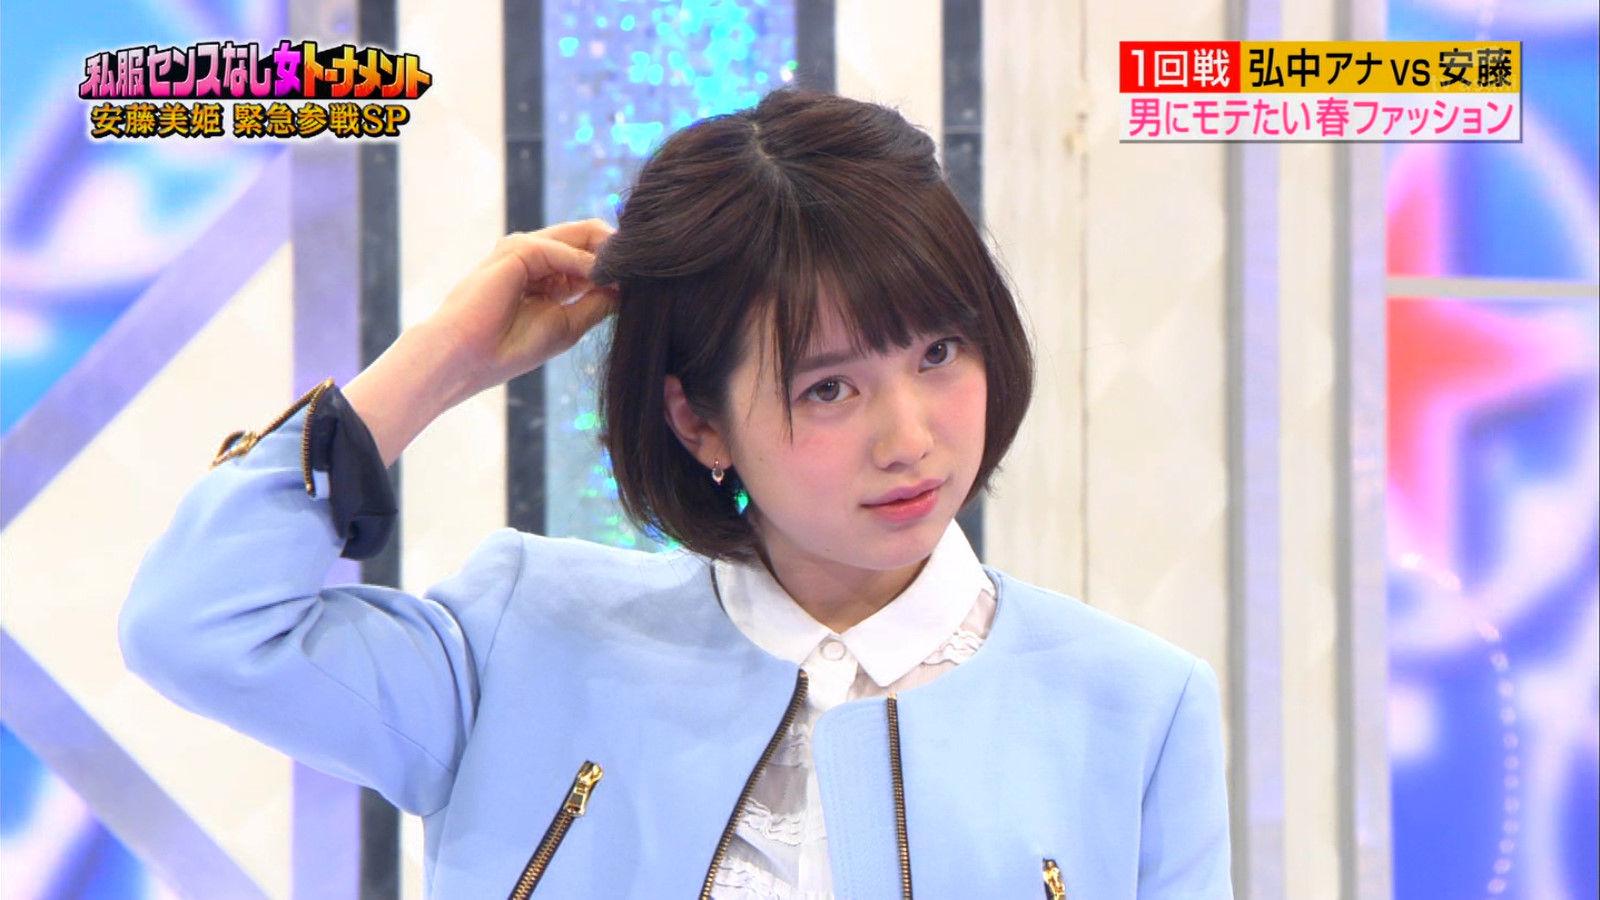 【熱愛報道】弘中綾香アナ、共演している若林からイジられる「ダメに決まってるでしょうバカ」